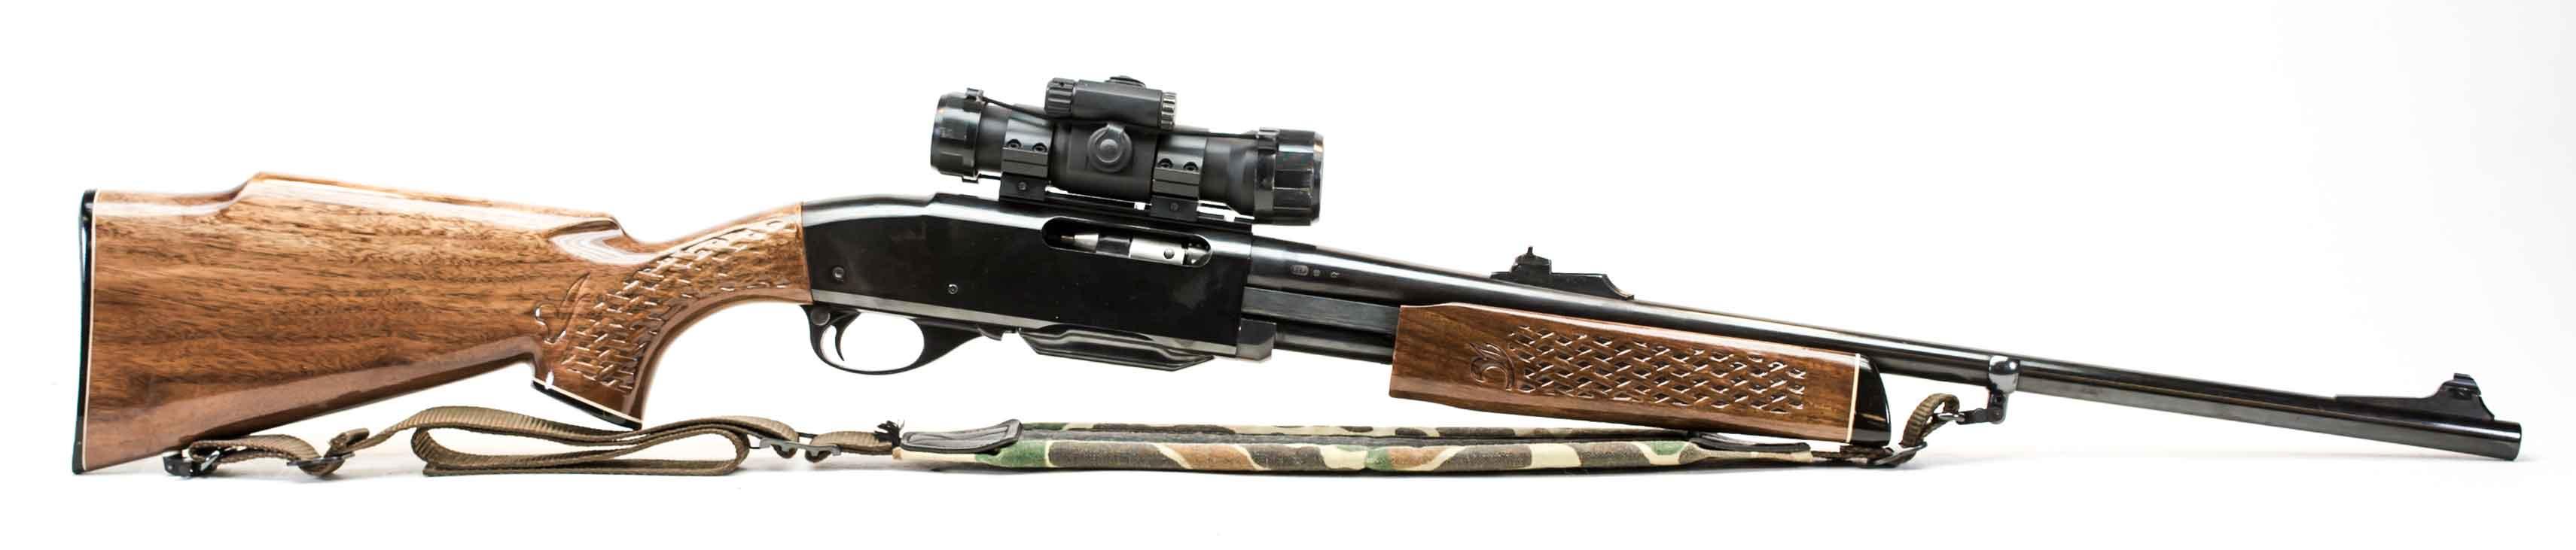 760 remington carbine for sale